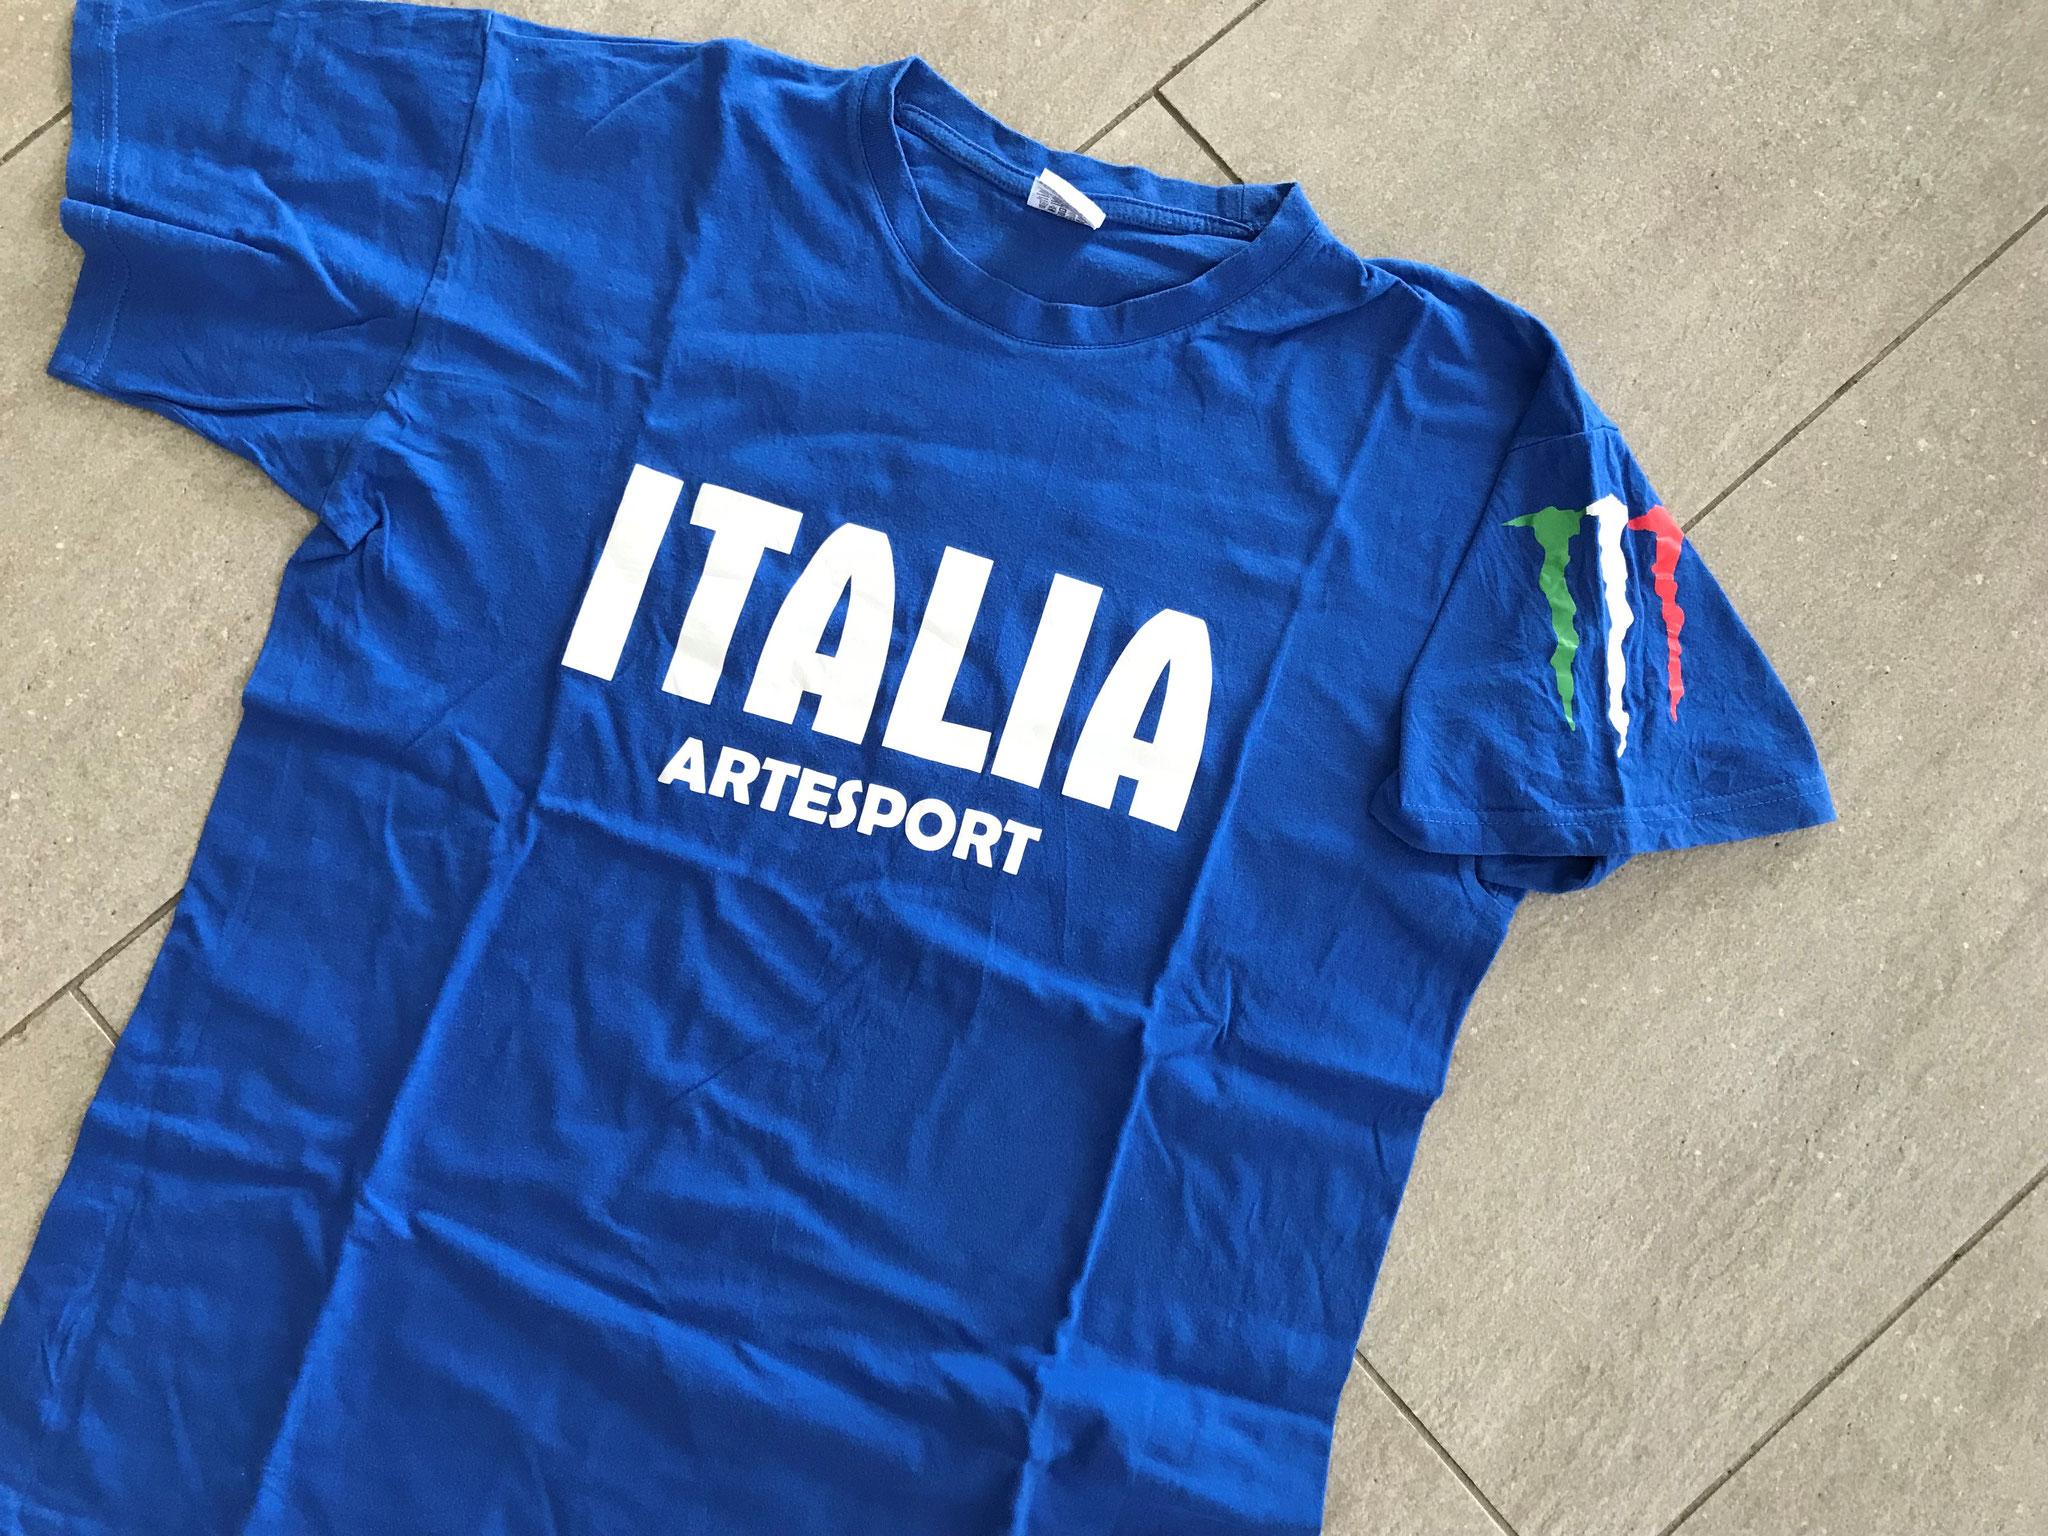 2016 Tshirt creata per gli atleti che gareggiano all'estero